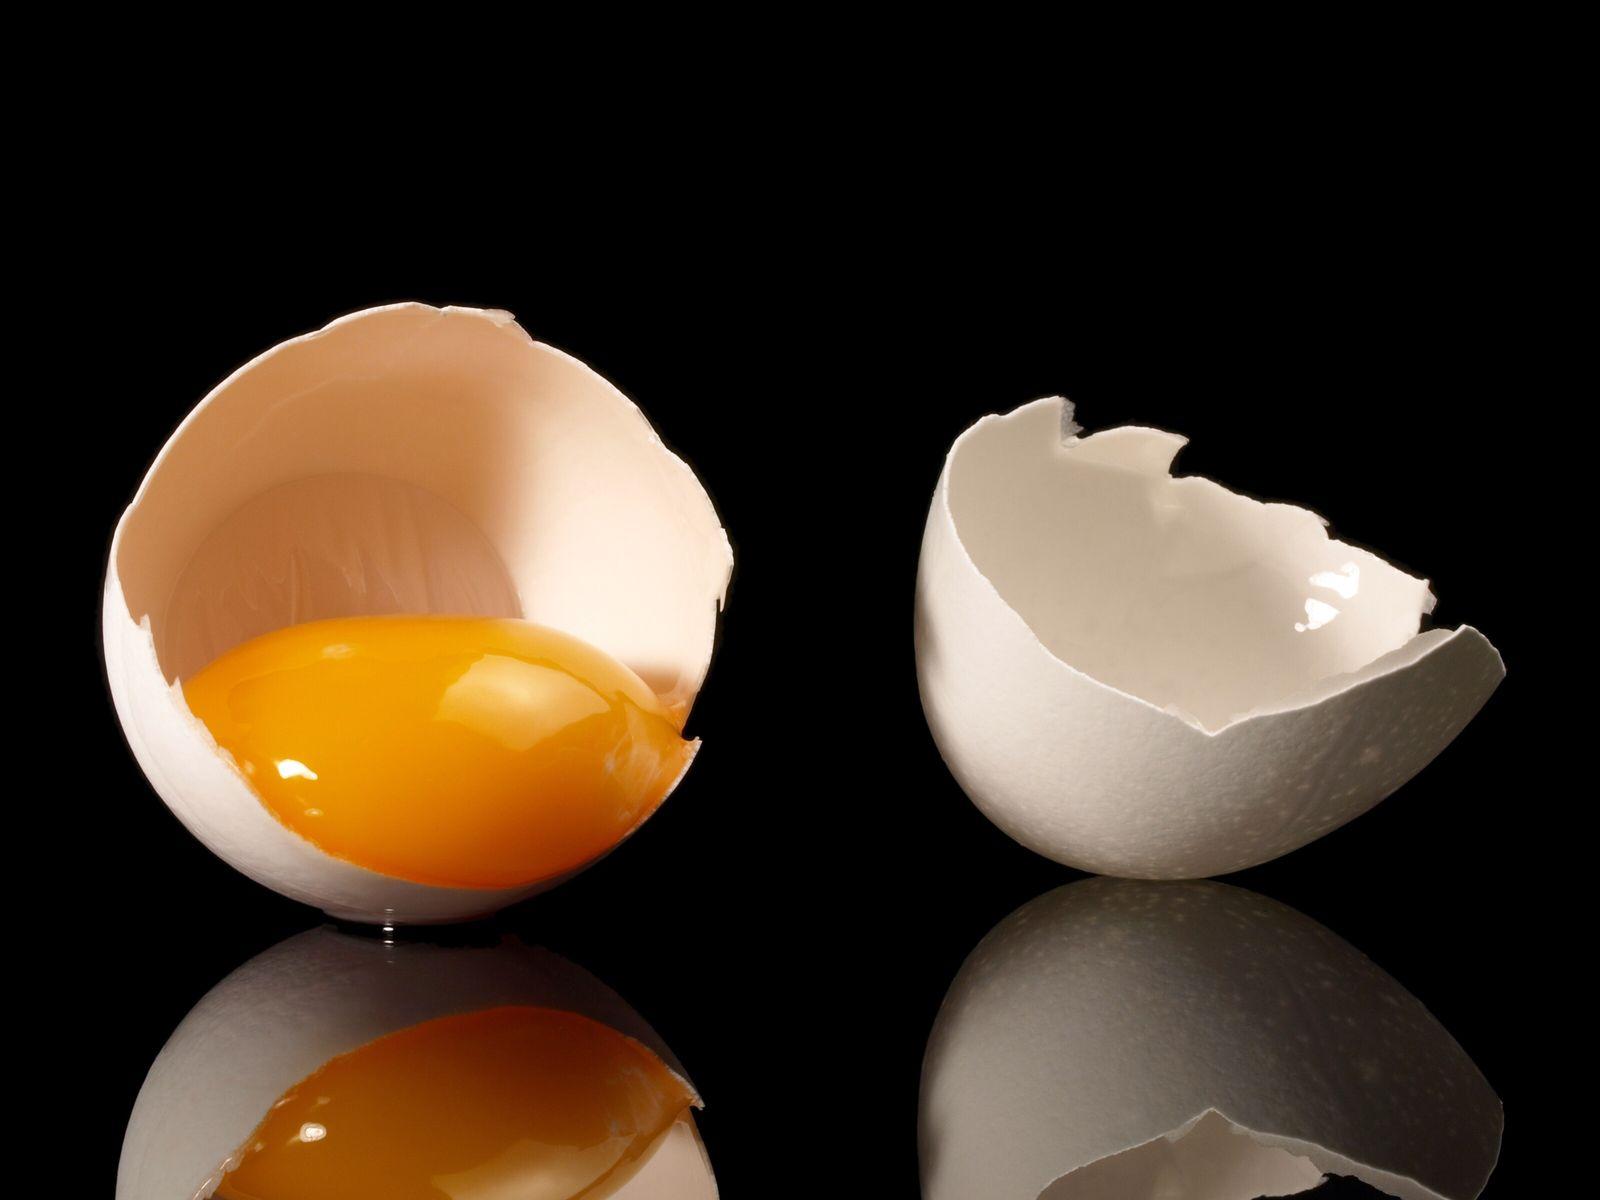 16 Prozent der verkauften Eier stammen aus ökologischer Landwirtschaft, mit steigender Tendenz. Klingt nach einer guten ...